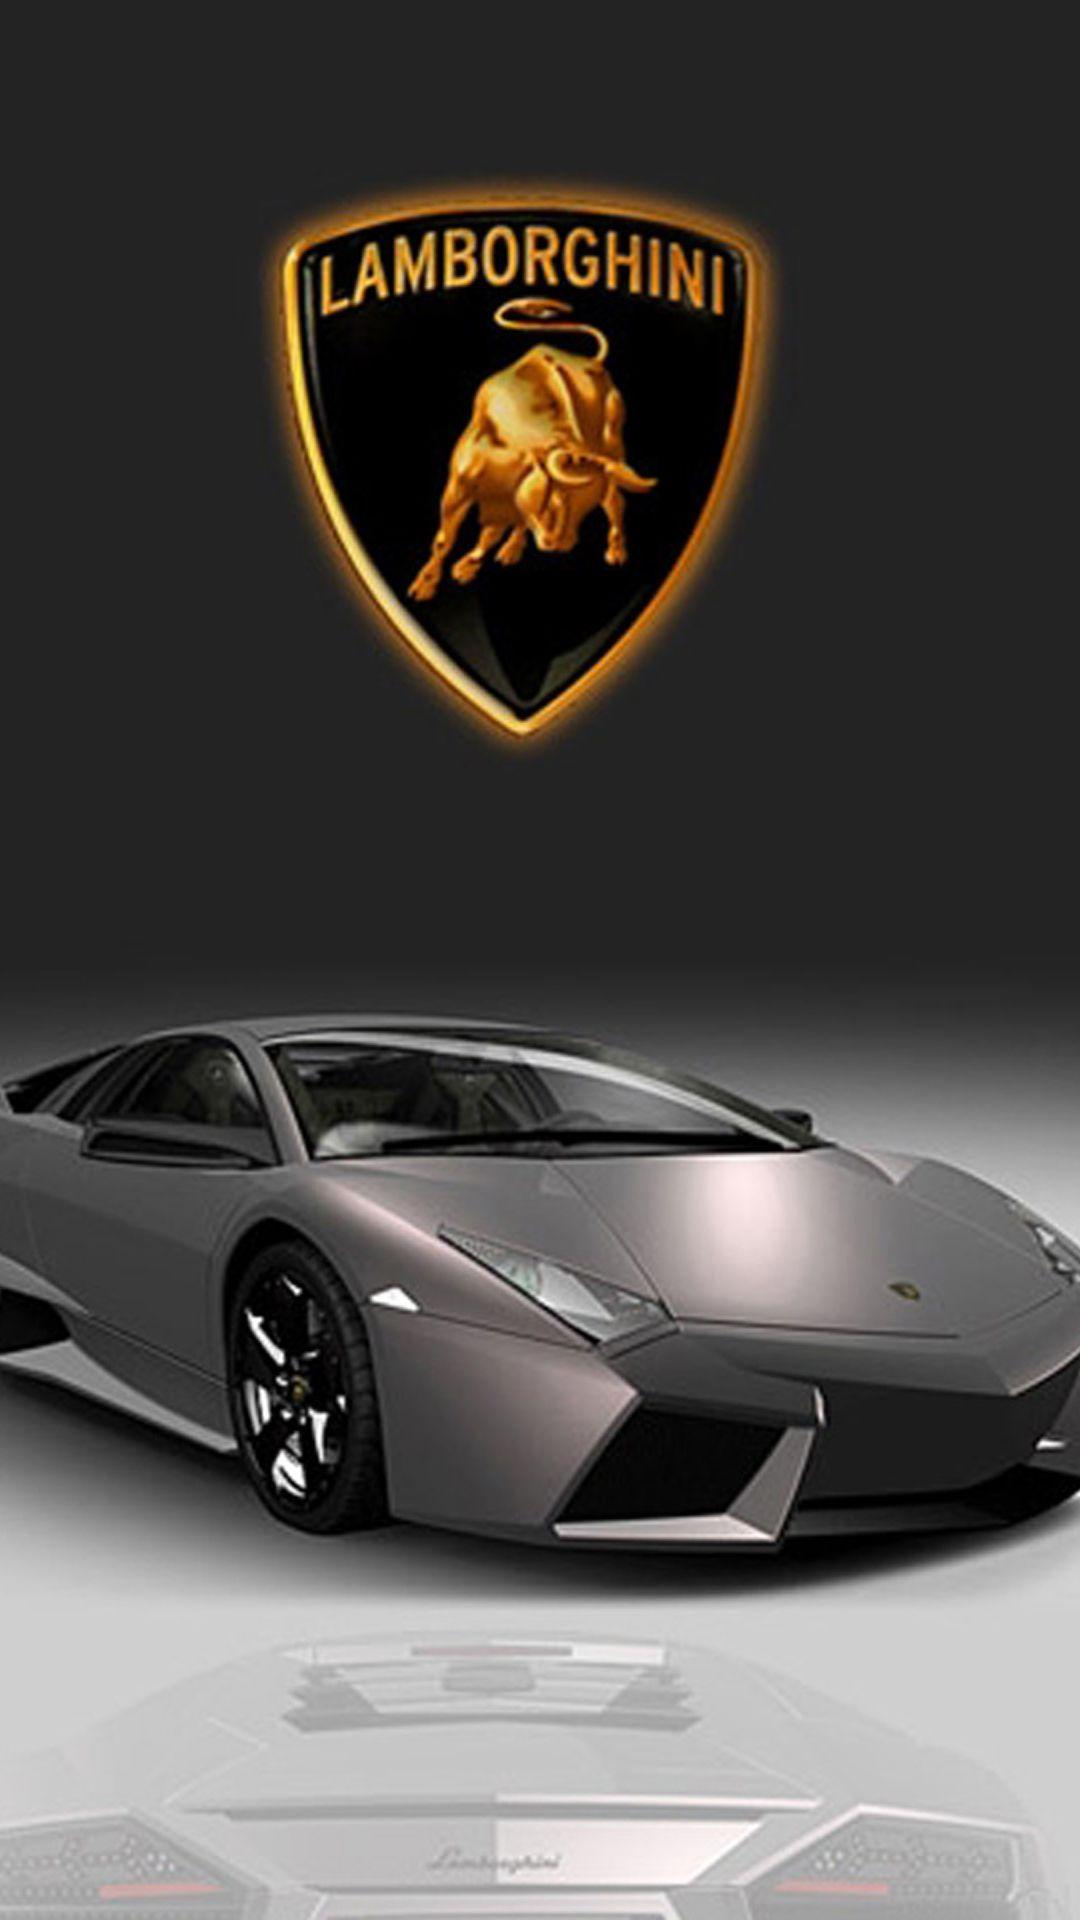 Coolest Cars There Are Pagani Huayra Autos Lamborghini Hennessey Venom Koenigsegg Agera Rs Bugatti Veyro Lamborghini Logo Logo Wallpaper Hd Rims For Cars